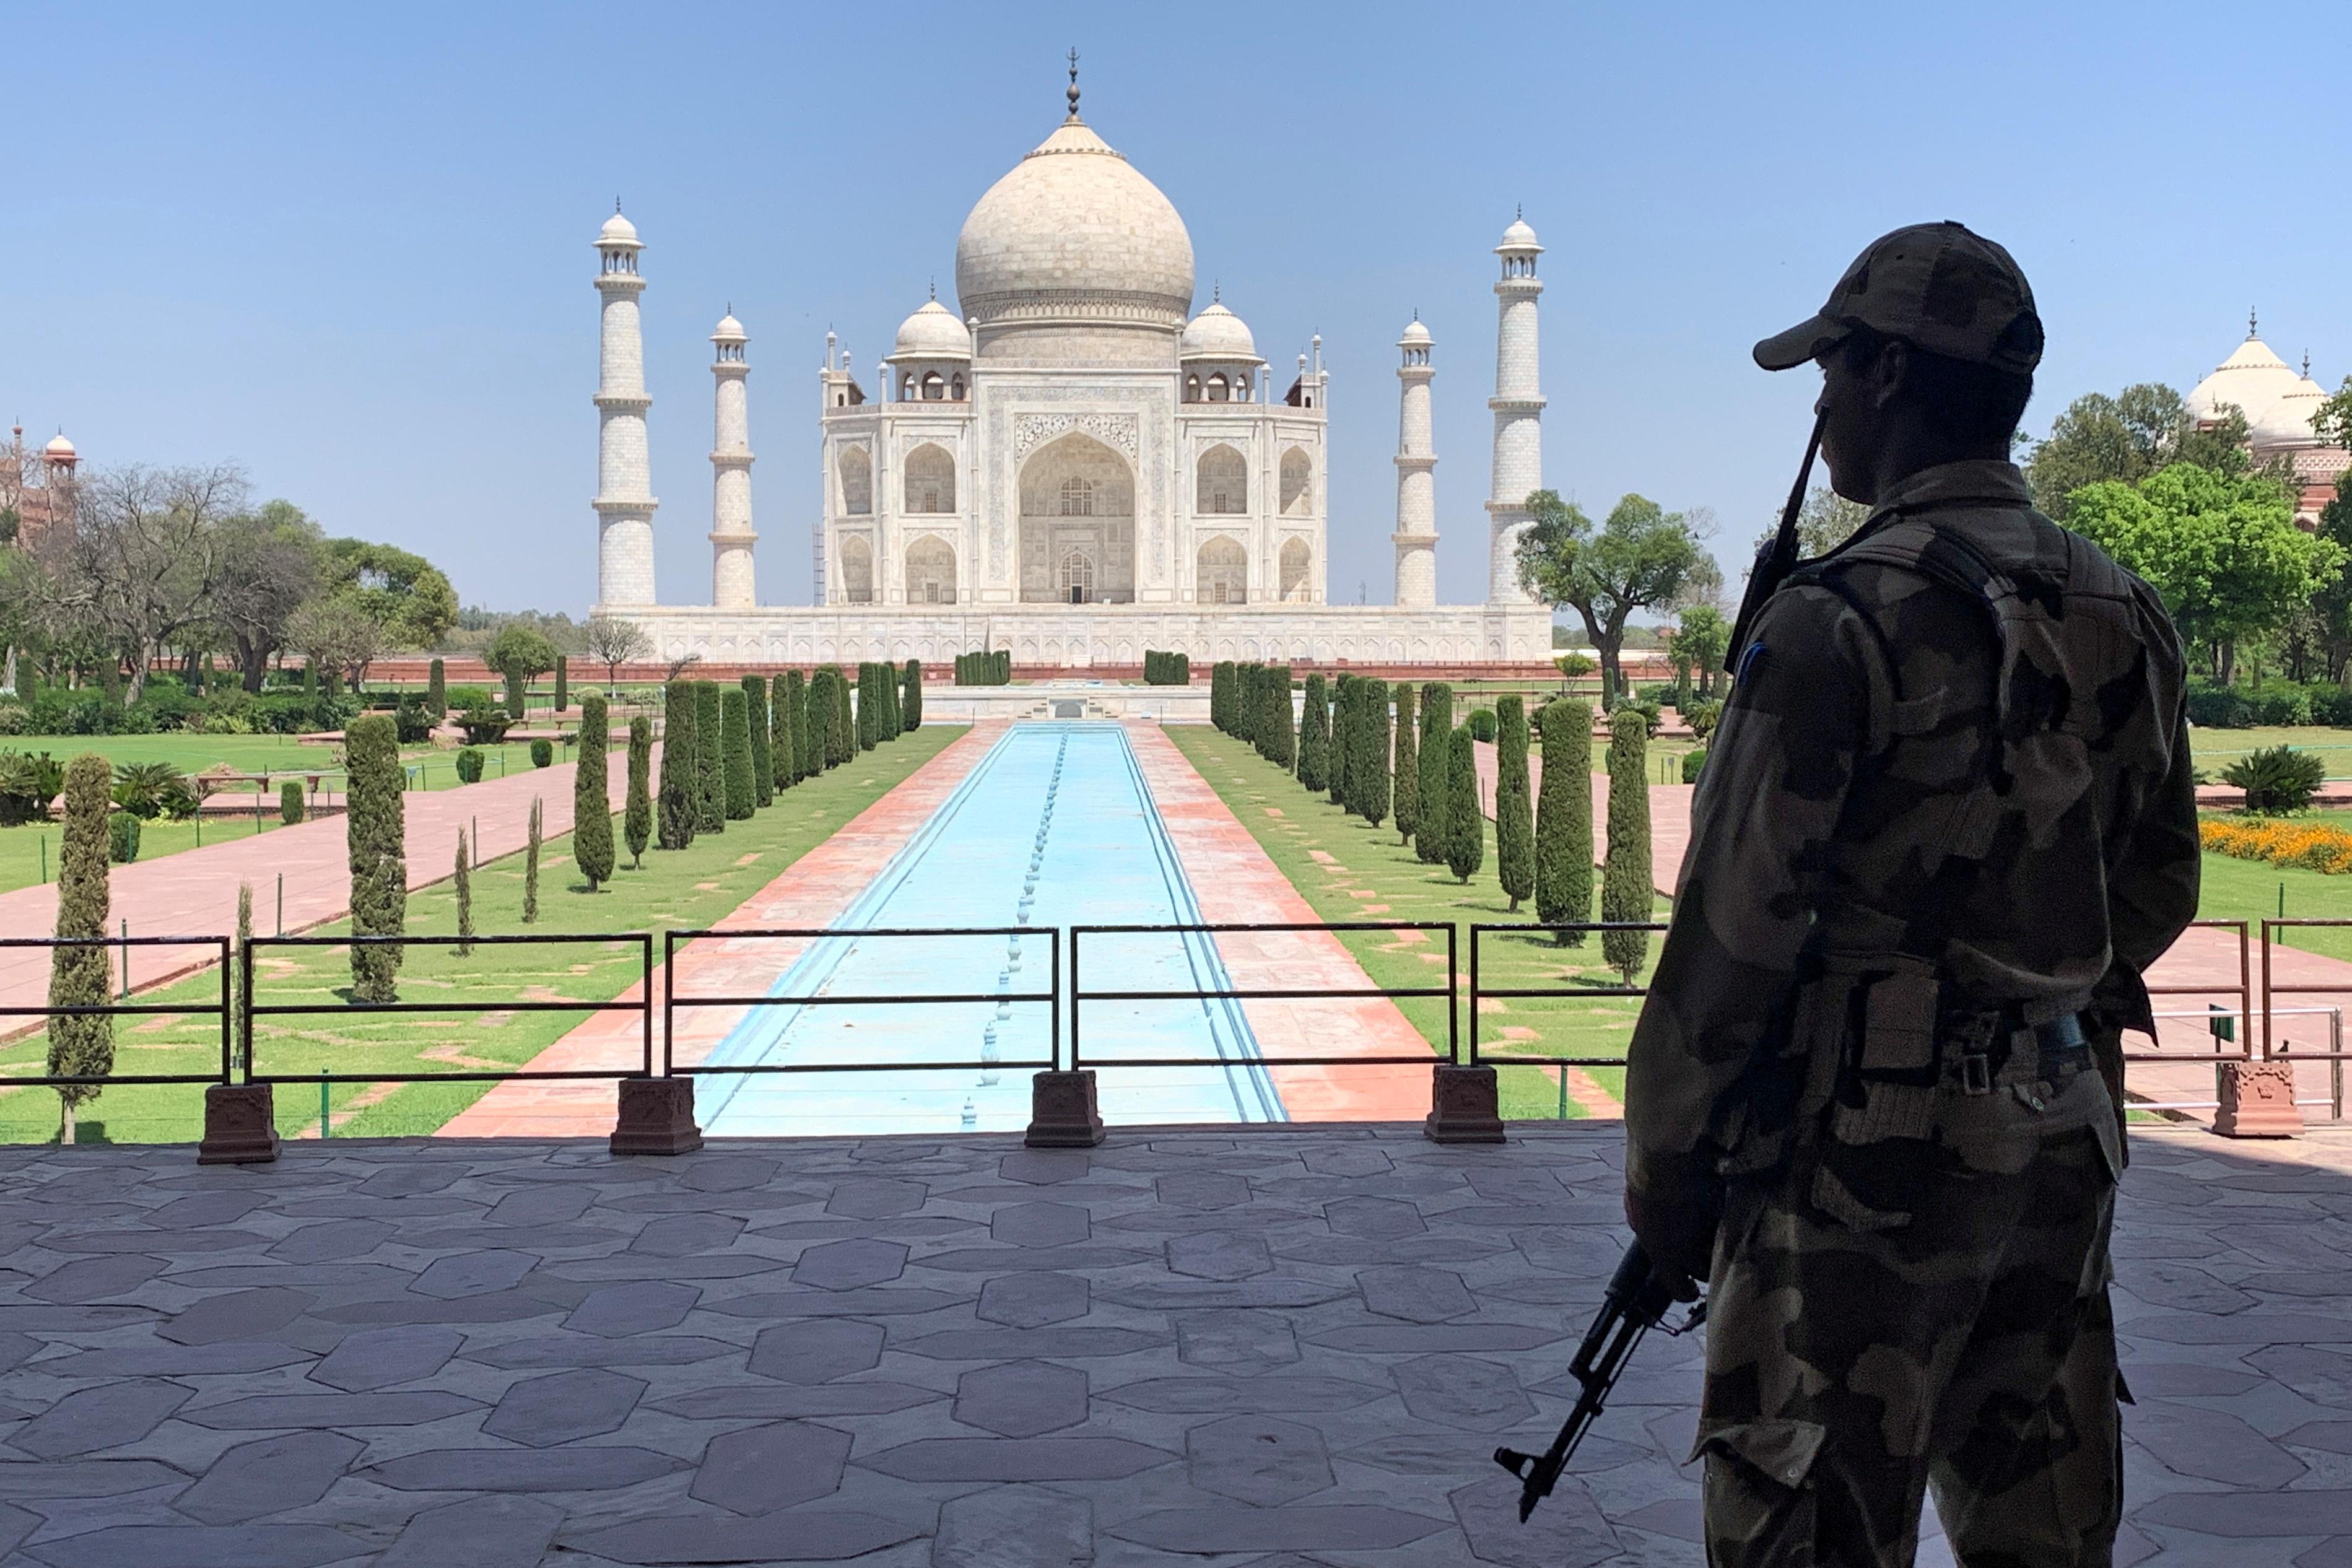 Un personal de seguridad privada custodia en la soledad el histórico e imponente Taj Mahal (REUTERS/Sunil Kataria/File Photo)